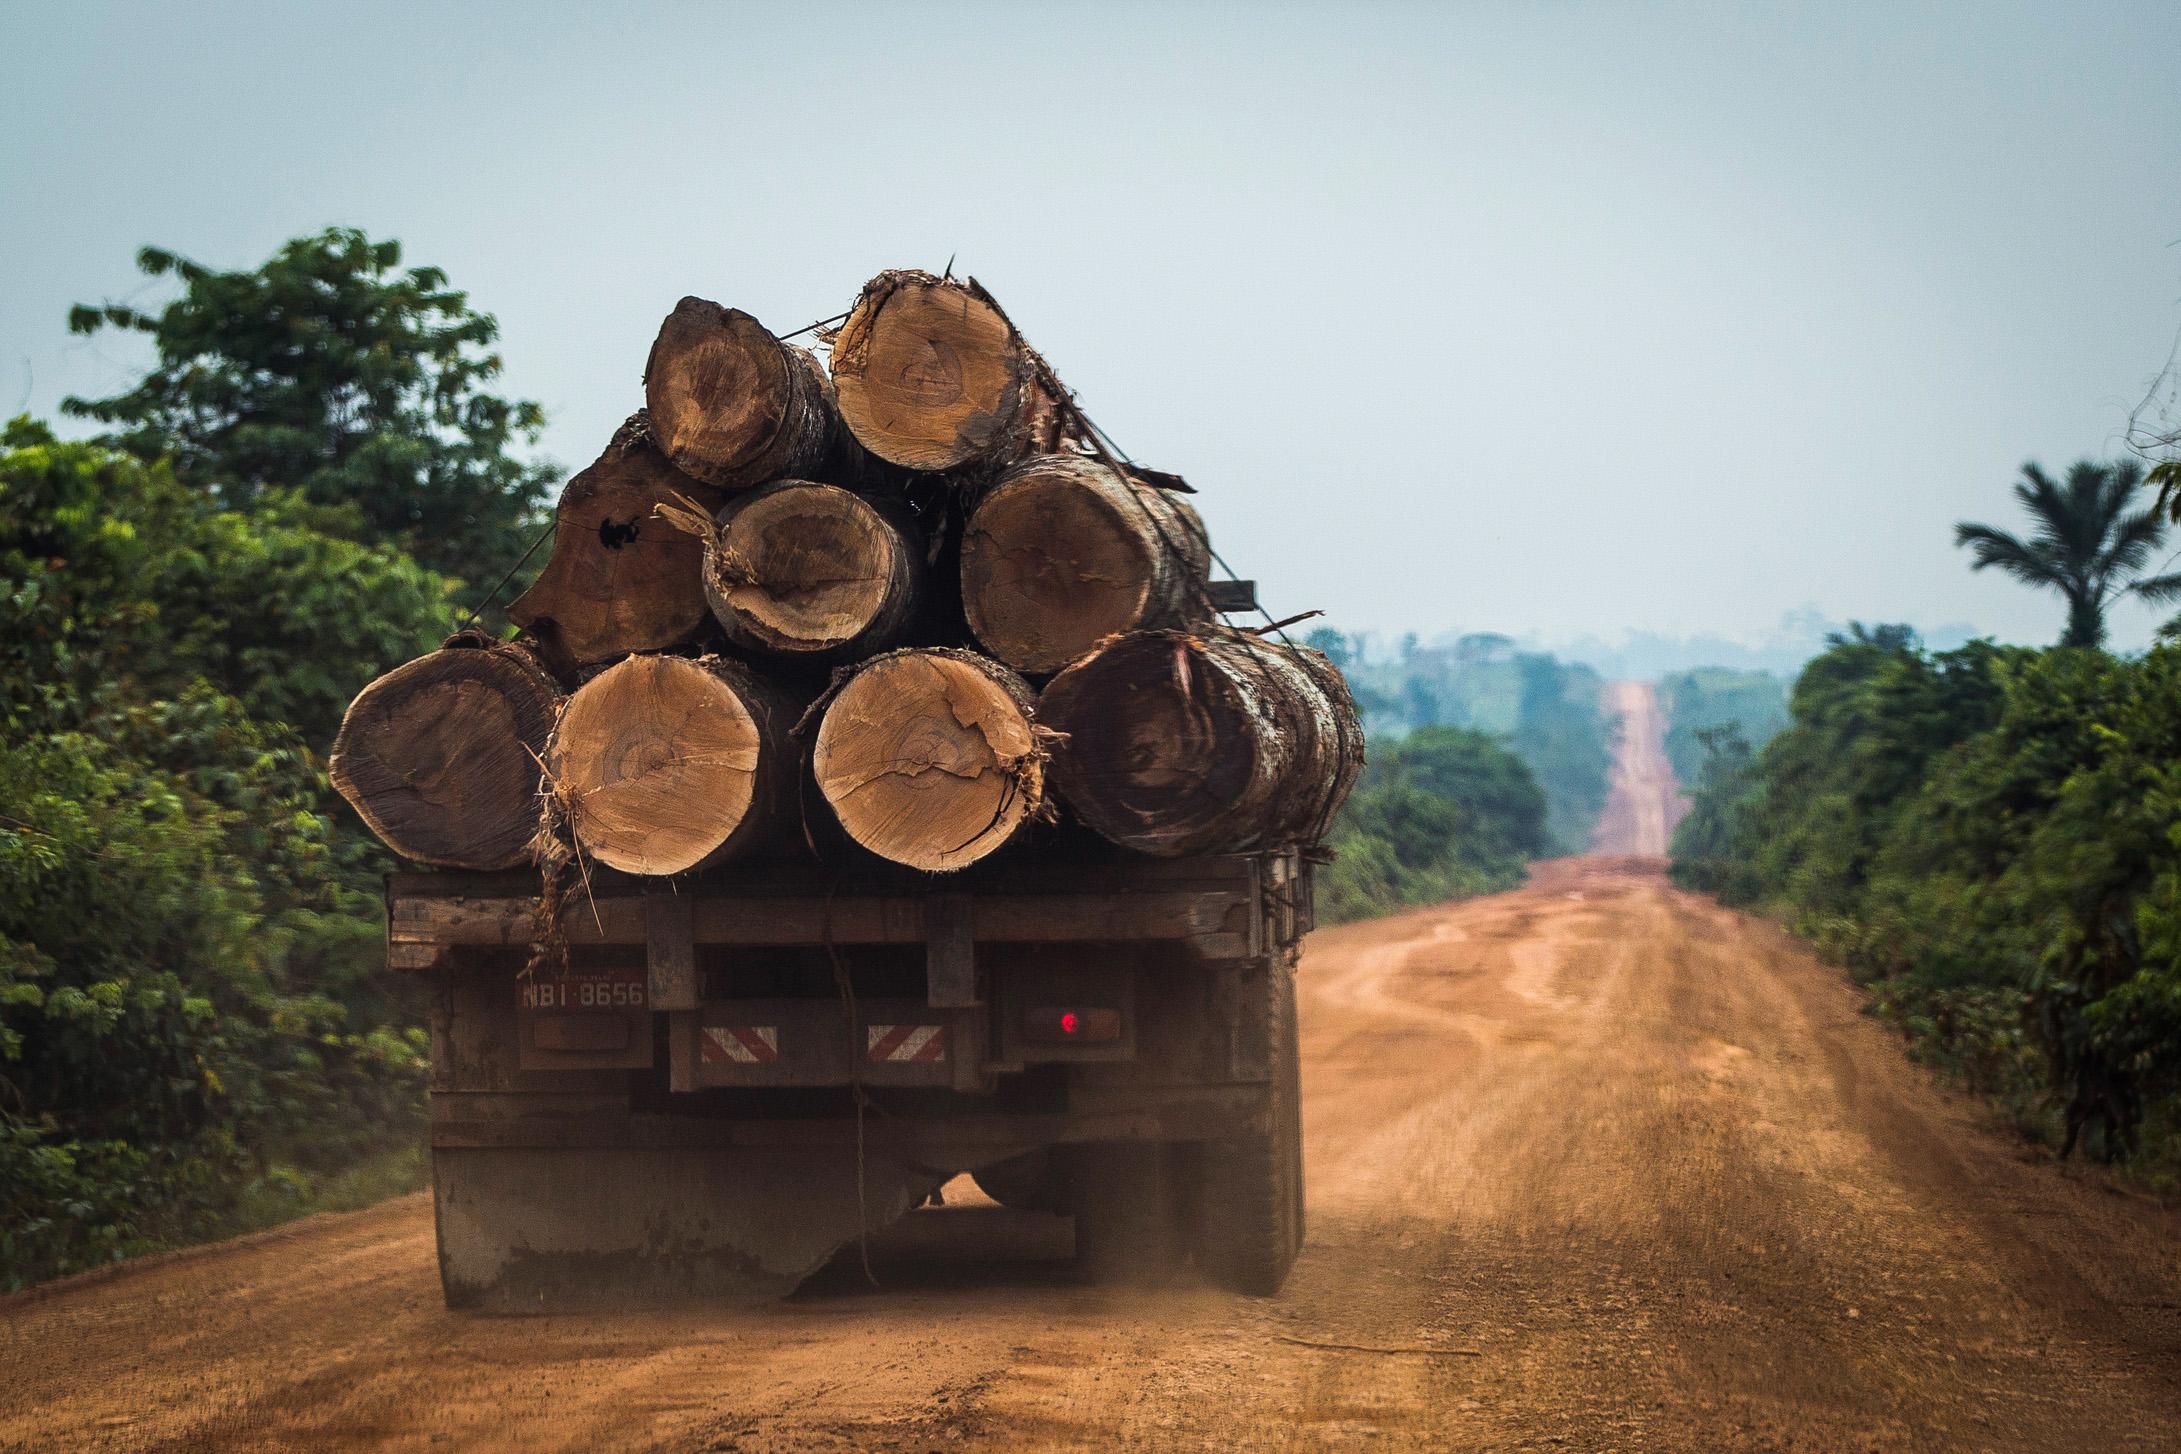 As árvores com maior valor comercial, como ipês e castanheiras, são exploradas (Foto: Bruno Kelly/Greenpeace)